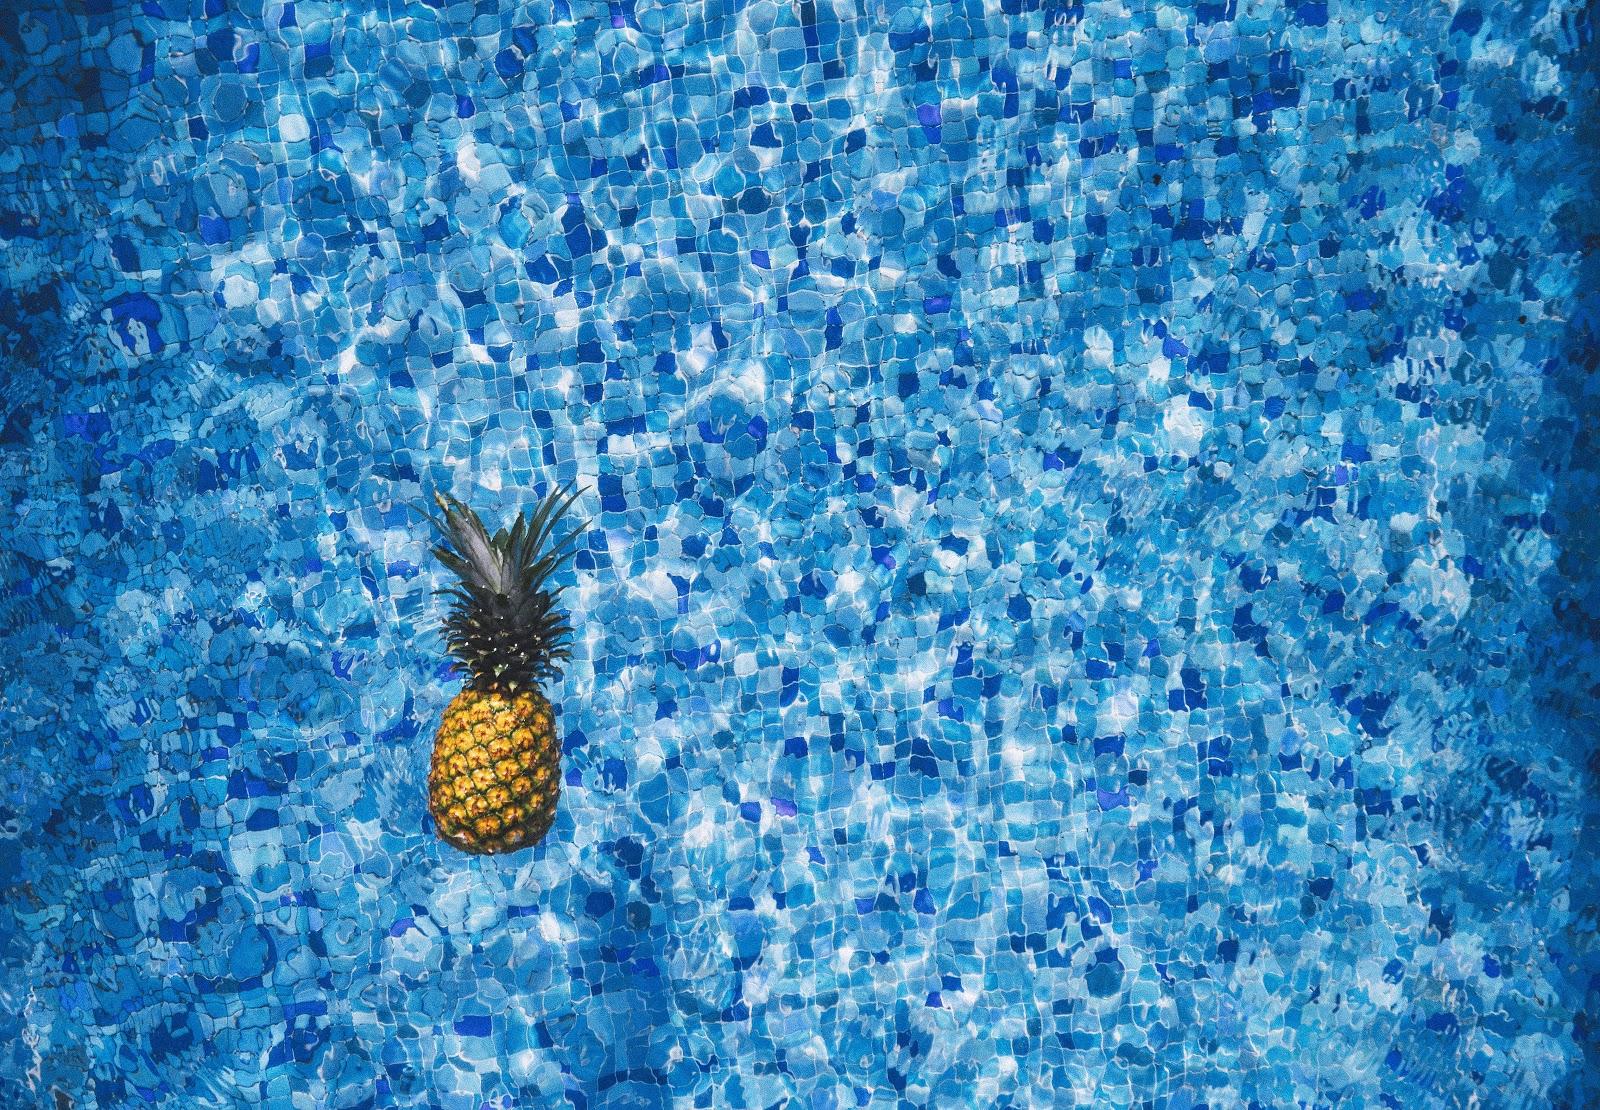 水に浮かんだパイナップル